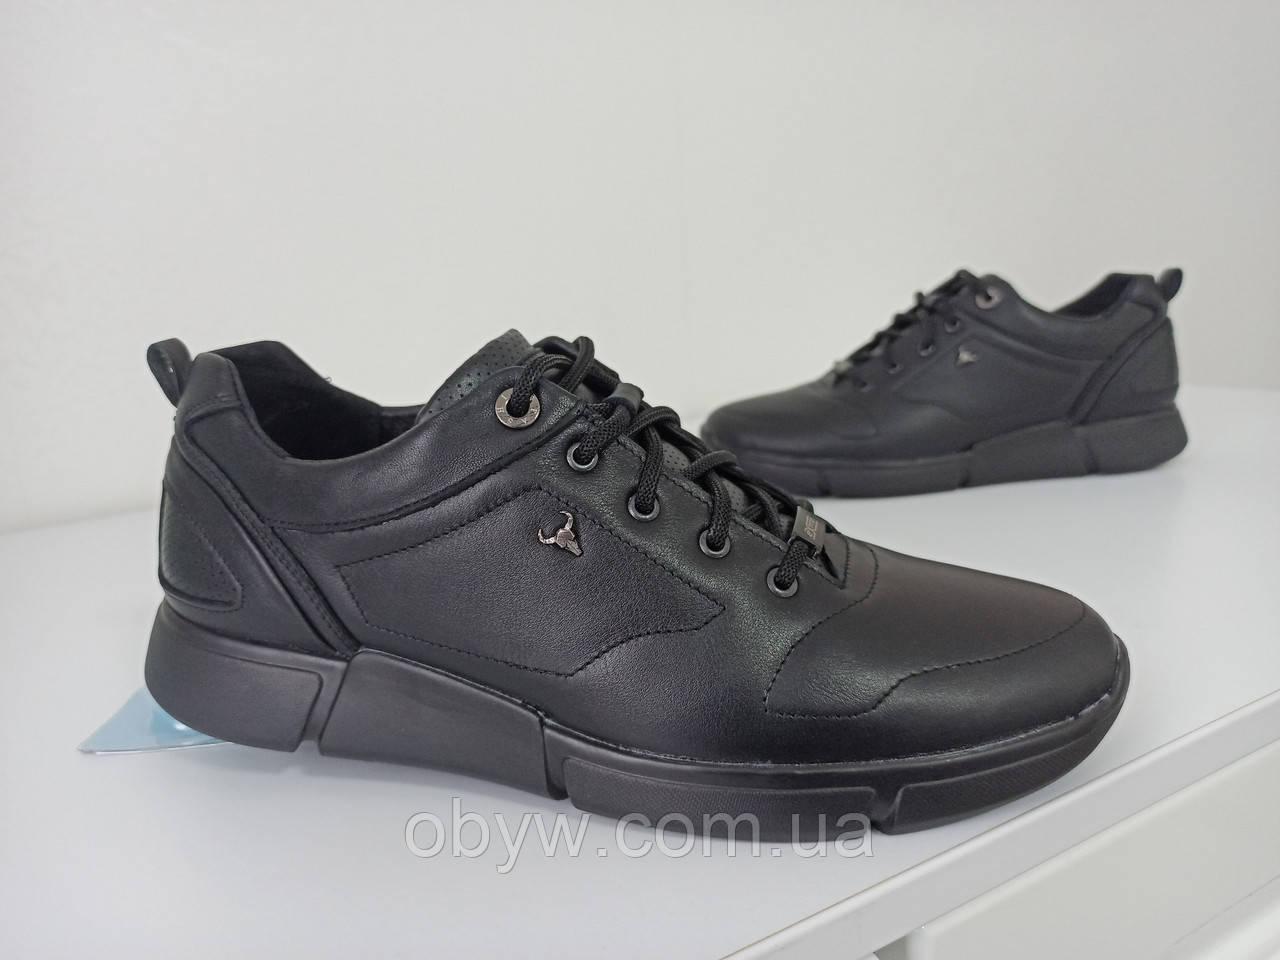 Кожаные мужские кроссовки ayk4045 натуральная кожа